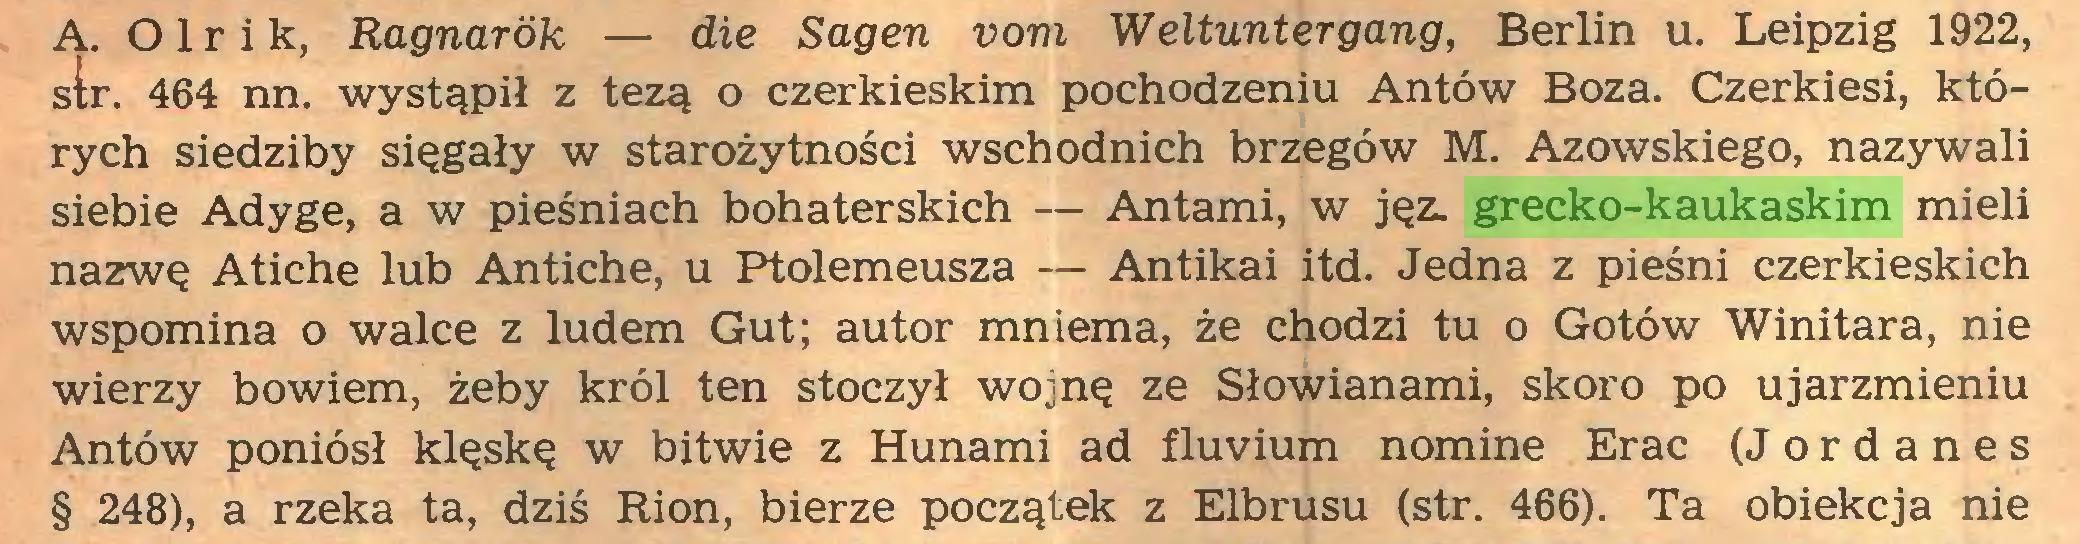 (...) Ą. 01 r i k, Ragnarók — die Sagen vom Weltuntergang, Berlin u. Leipzig 1922, str. 464 nn. wystąpił z tezą o czerkieskim pochodzeniu Antów Boża. Czerkiesi, których siedziby sięgały w starożytności wschodnich brzegów M. Azowskiego, nazywali siebie Adyge, a w pieśniach bohaterskich — Antami, w jęz. grecko-kaukaskim mieli nazwę Atiche lub Antiche, u Ptolemeusza — Antikai itd. Jedna z pieśni czerkieskich wspomina o walce z ludem Gut; autor mniema, że chodzi tu o Gotów Winitara, nie wierzy bowiem, żeby król ten stoczył wojnę ze Słowianami, skoro po ujarzmieniu Antów poniósł klęskę w bitwie z Hunami ad fluvium nomine Erac (Jordanes § 248), a rzeka ta, dziś Rion, bierze początek z Elbrusu (str. 466). Ta obiekcja nie...